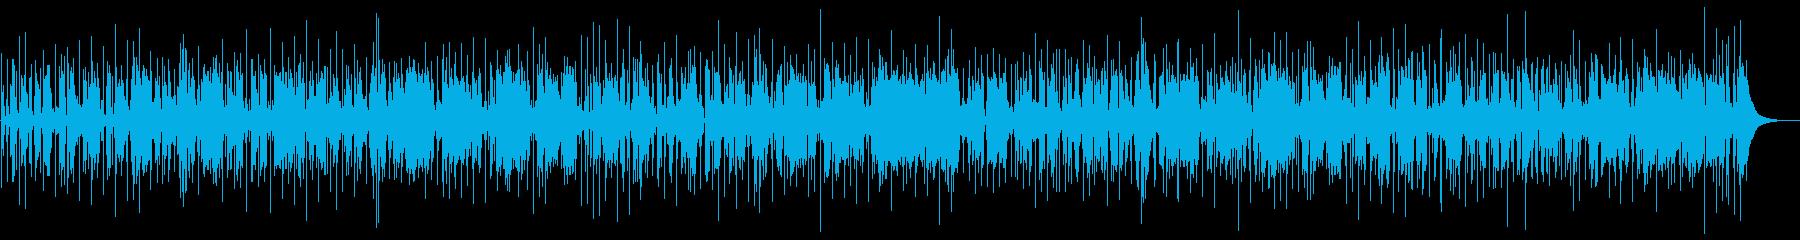 お洒落なジャズファンクBGMの再生済みの波形